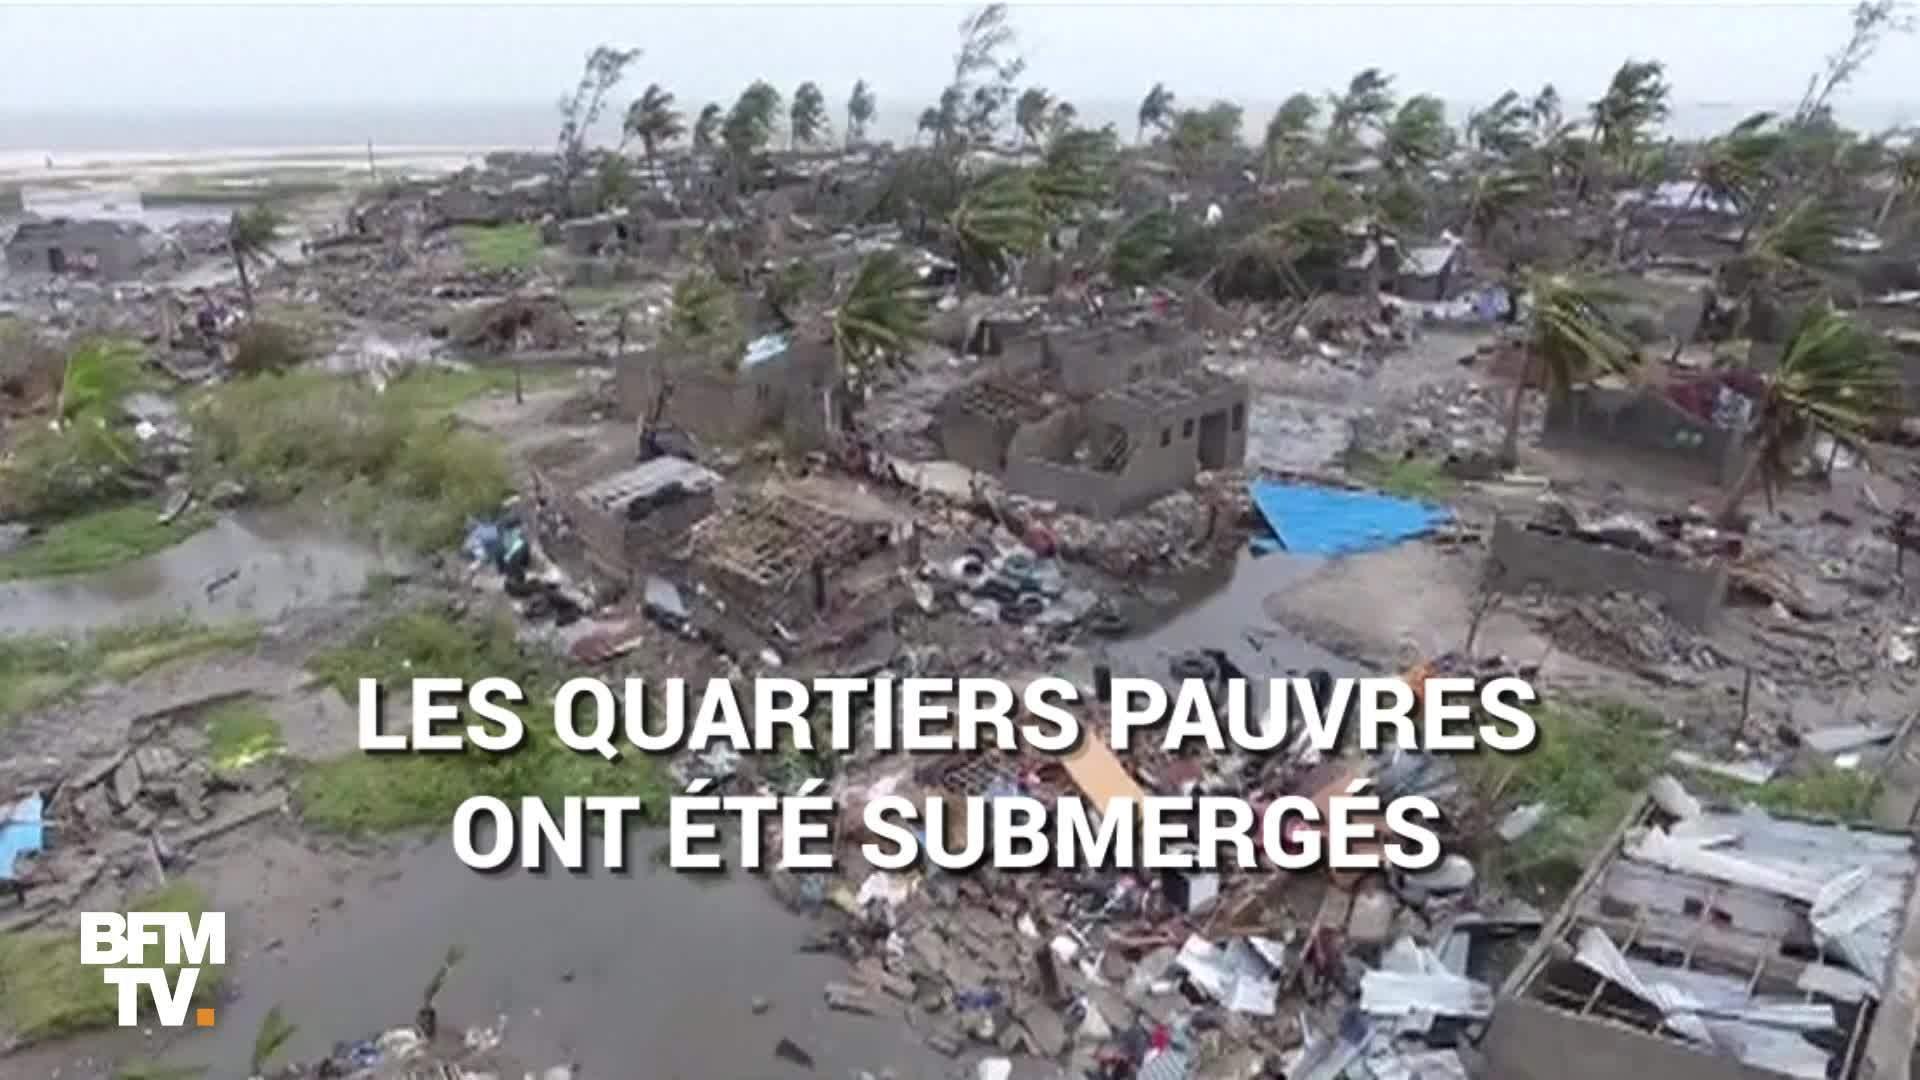 Cyclone au Mozambique et zimbabwe : Le bilan dépasse les 300 morts